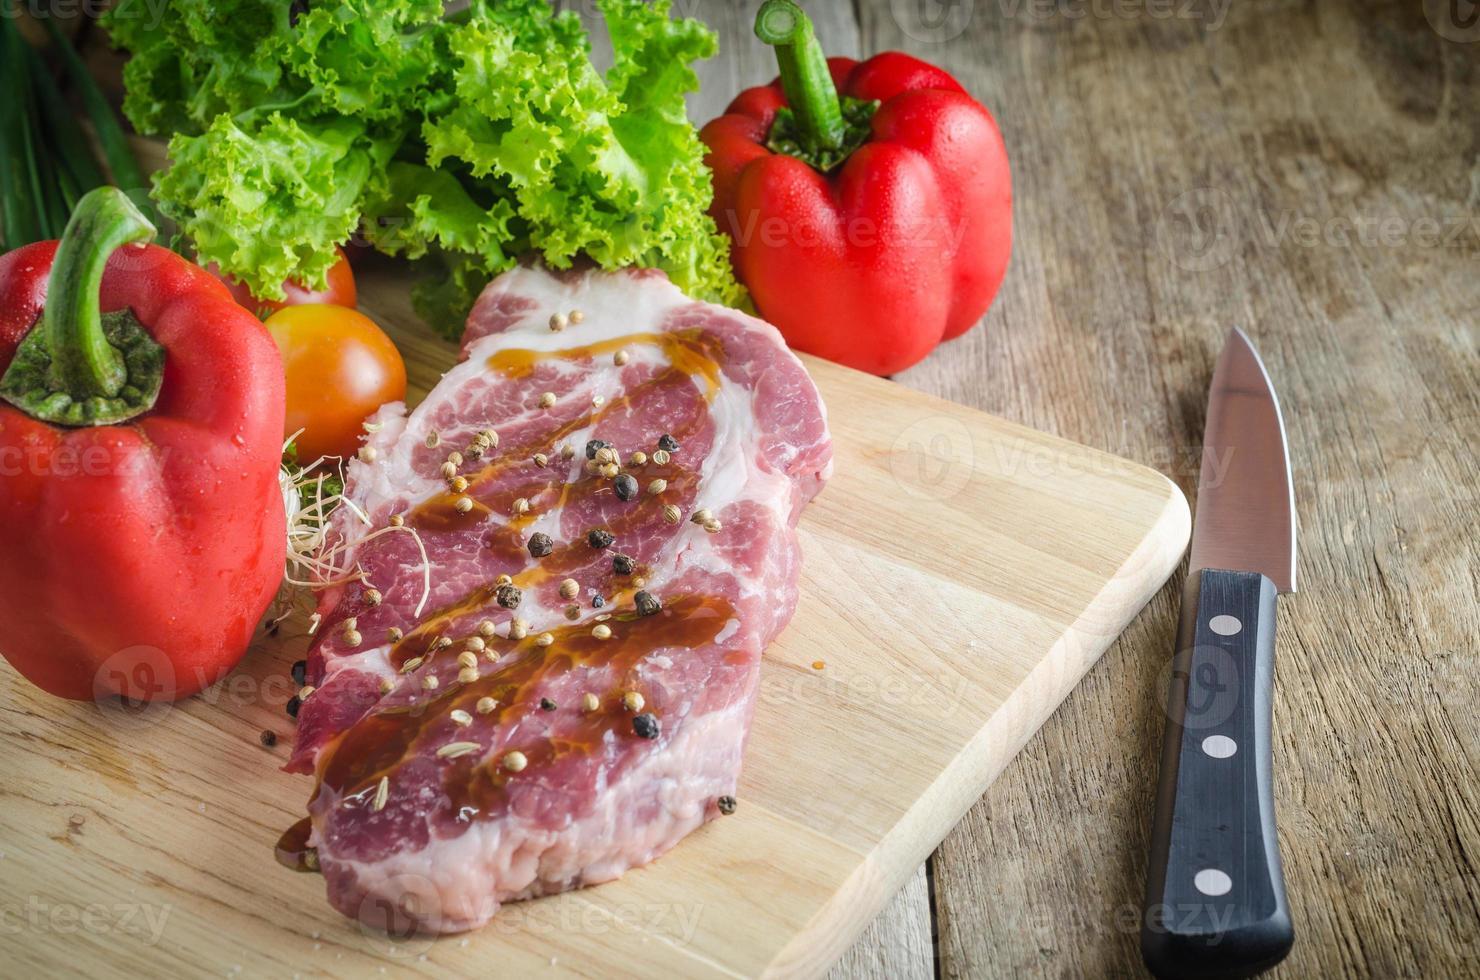 rauw varkensvlees op snijplank en groenten messen. foto